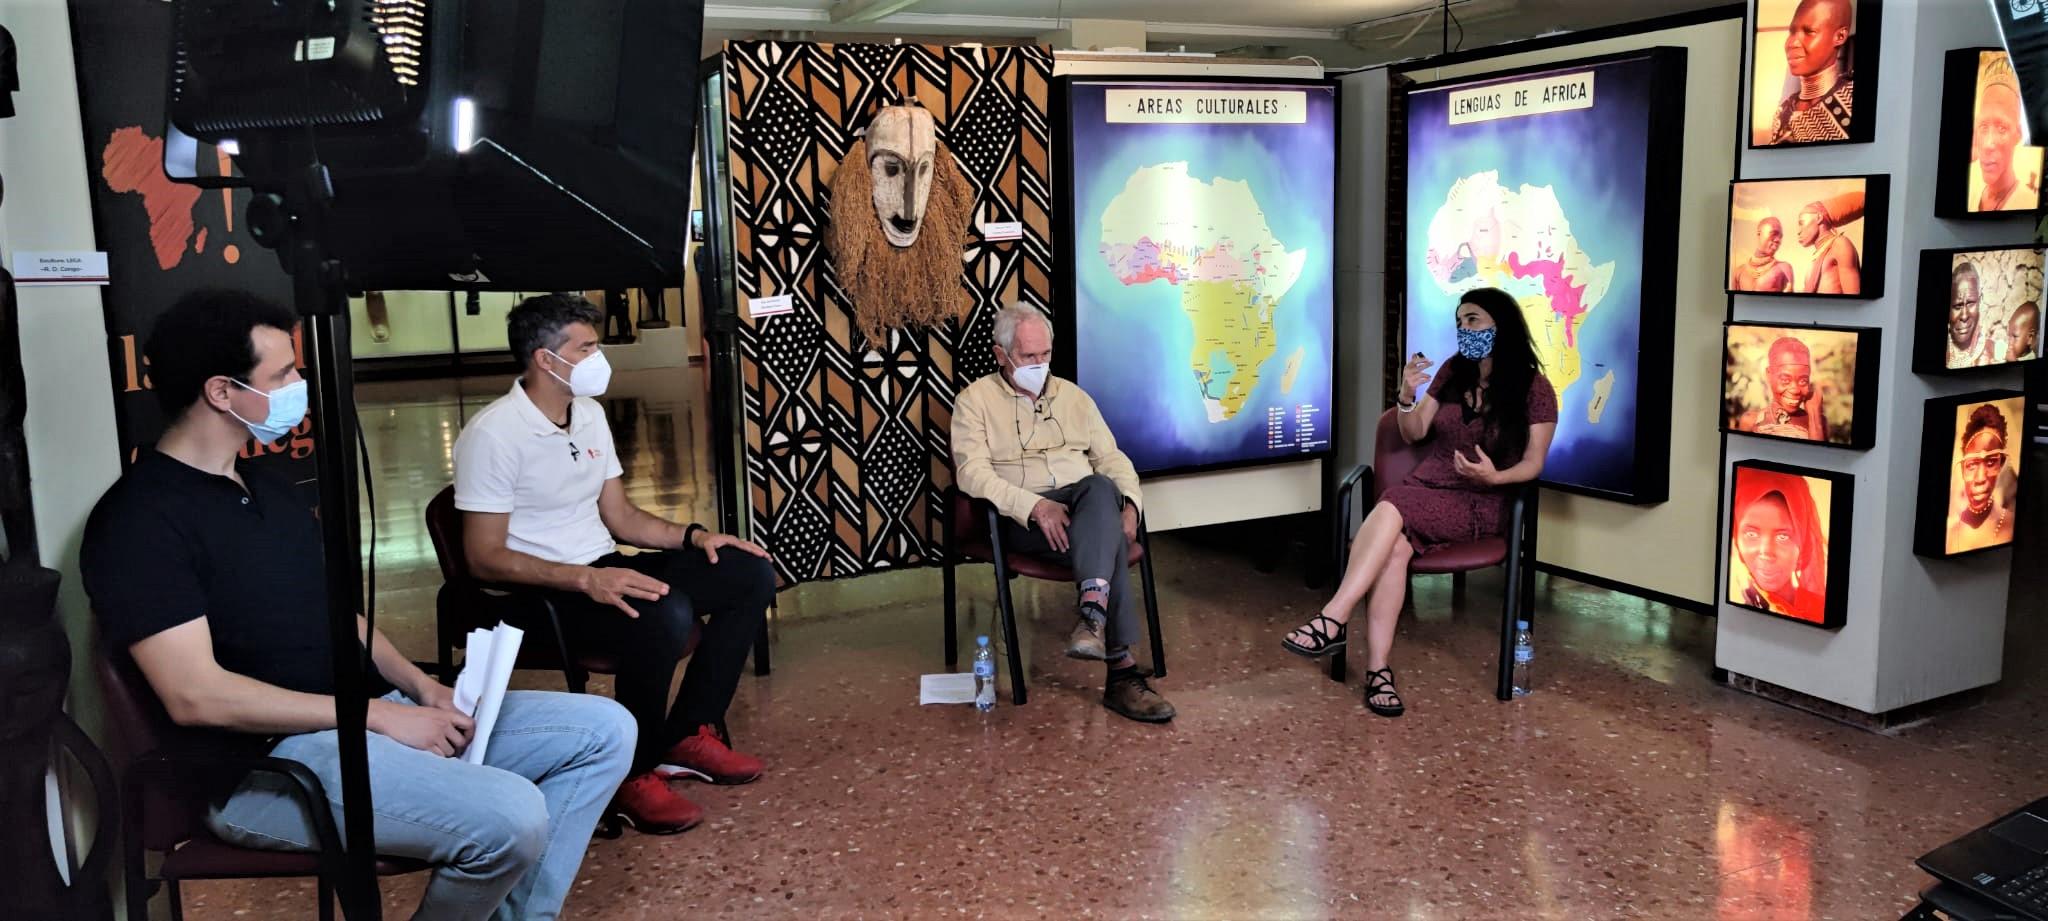 De izquierda a derecha, Juan Calleja, moderador del encuentro; Pablo Llanes, fundador de Holystic ProÁfrica; Ángel Olaran, misionero de los Padres Blancos en Tigray; y Maider Arostegi, cooperante e integradora social. | Marisa Arranz